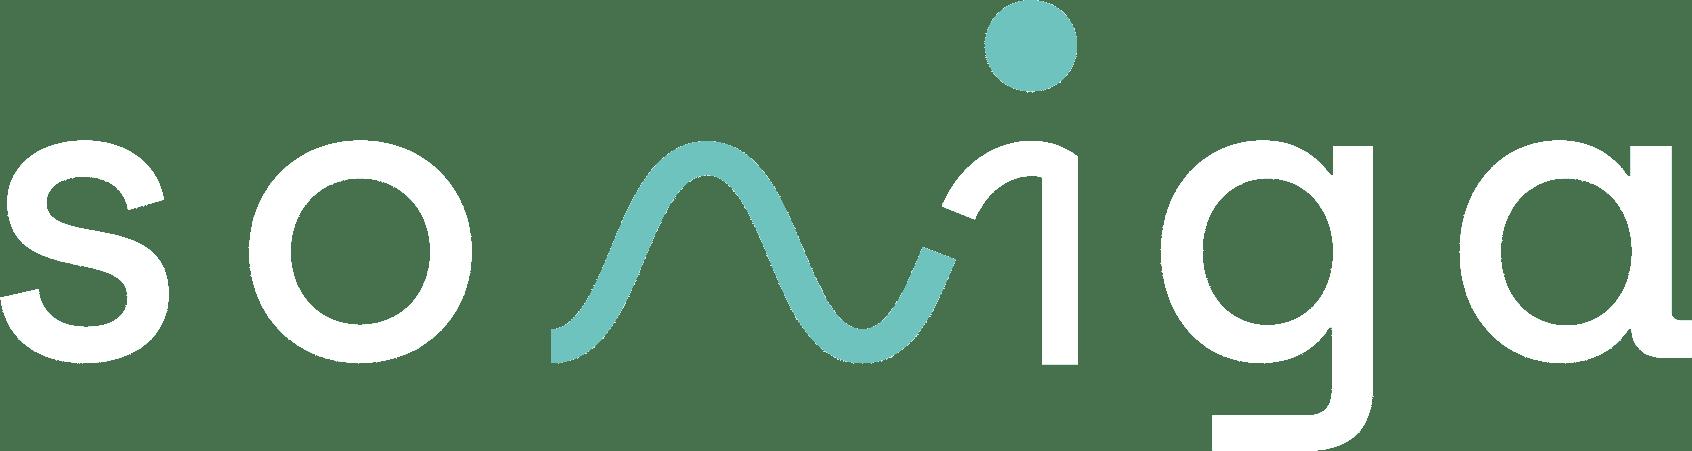 soniga logo blanc